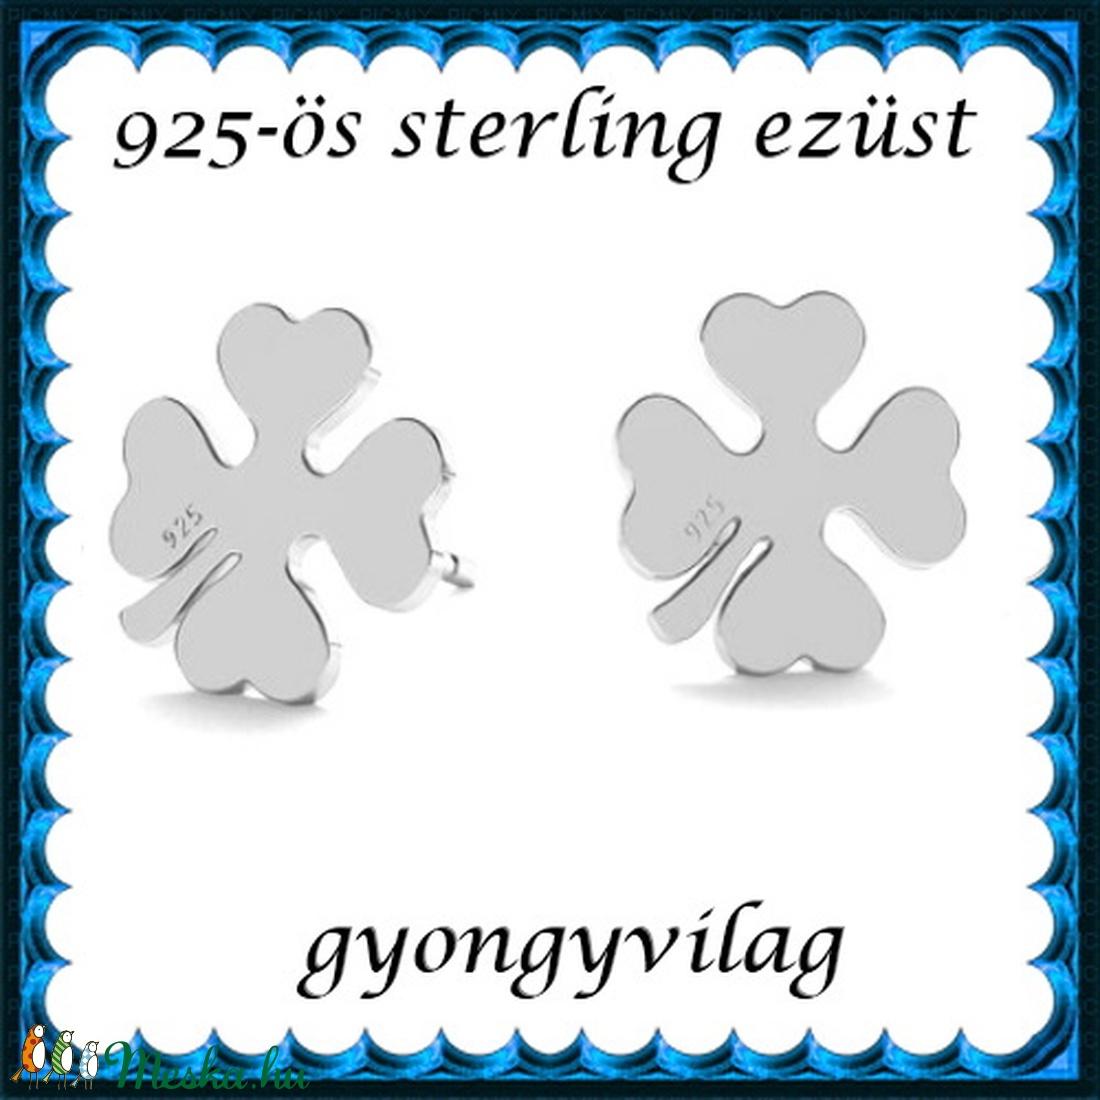 925-ös sterling ezüst: fülbevaló  EF 10e - ékszer - fülbevaló - pötty fülbevaló - Meska.hu